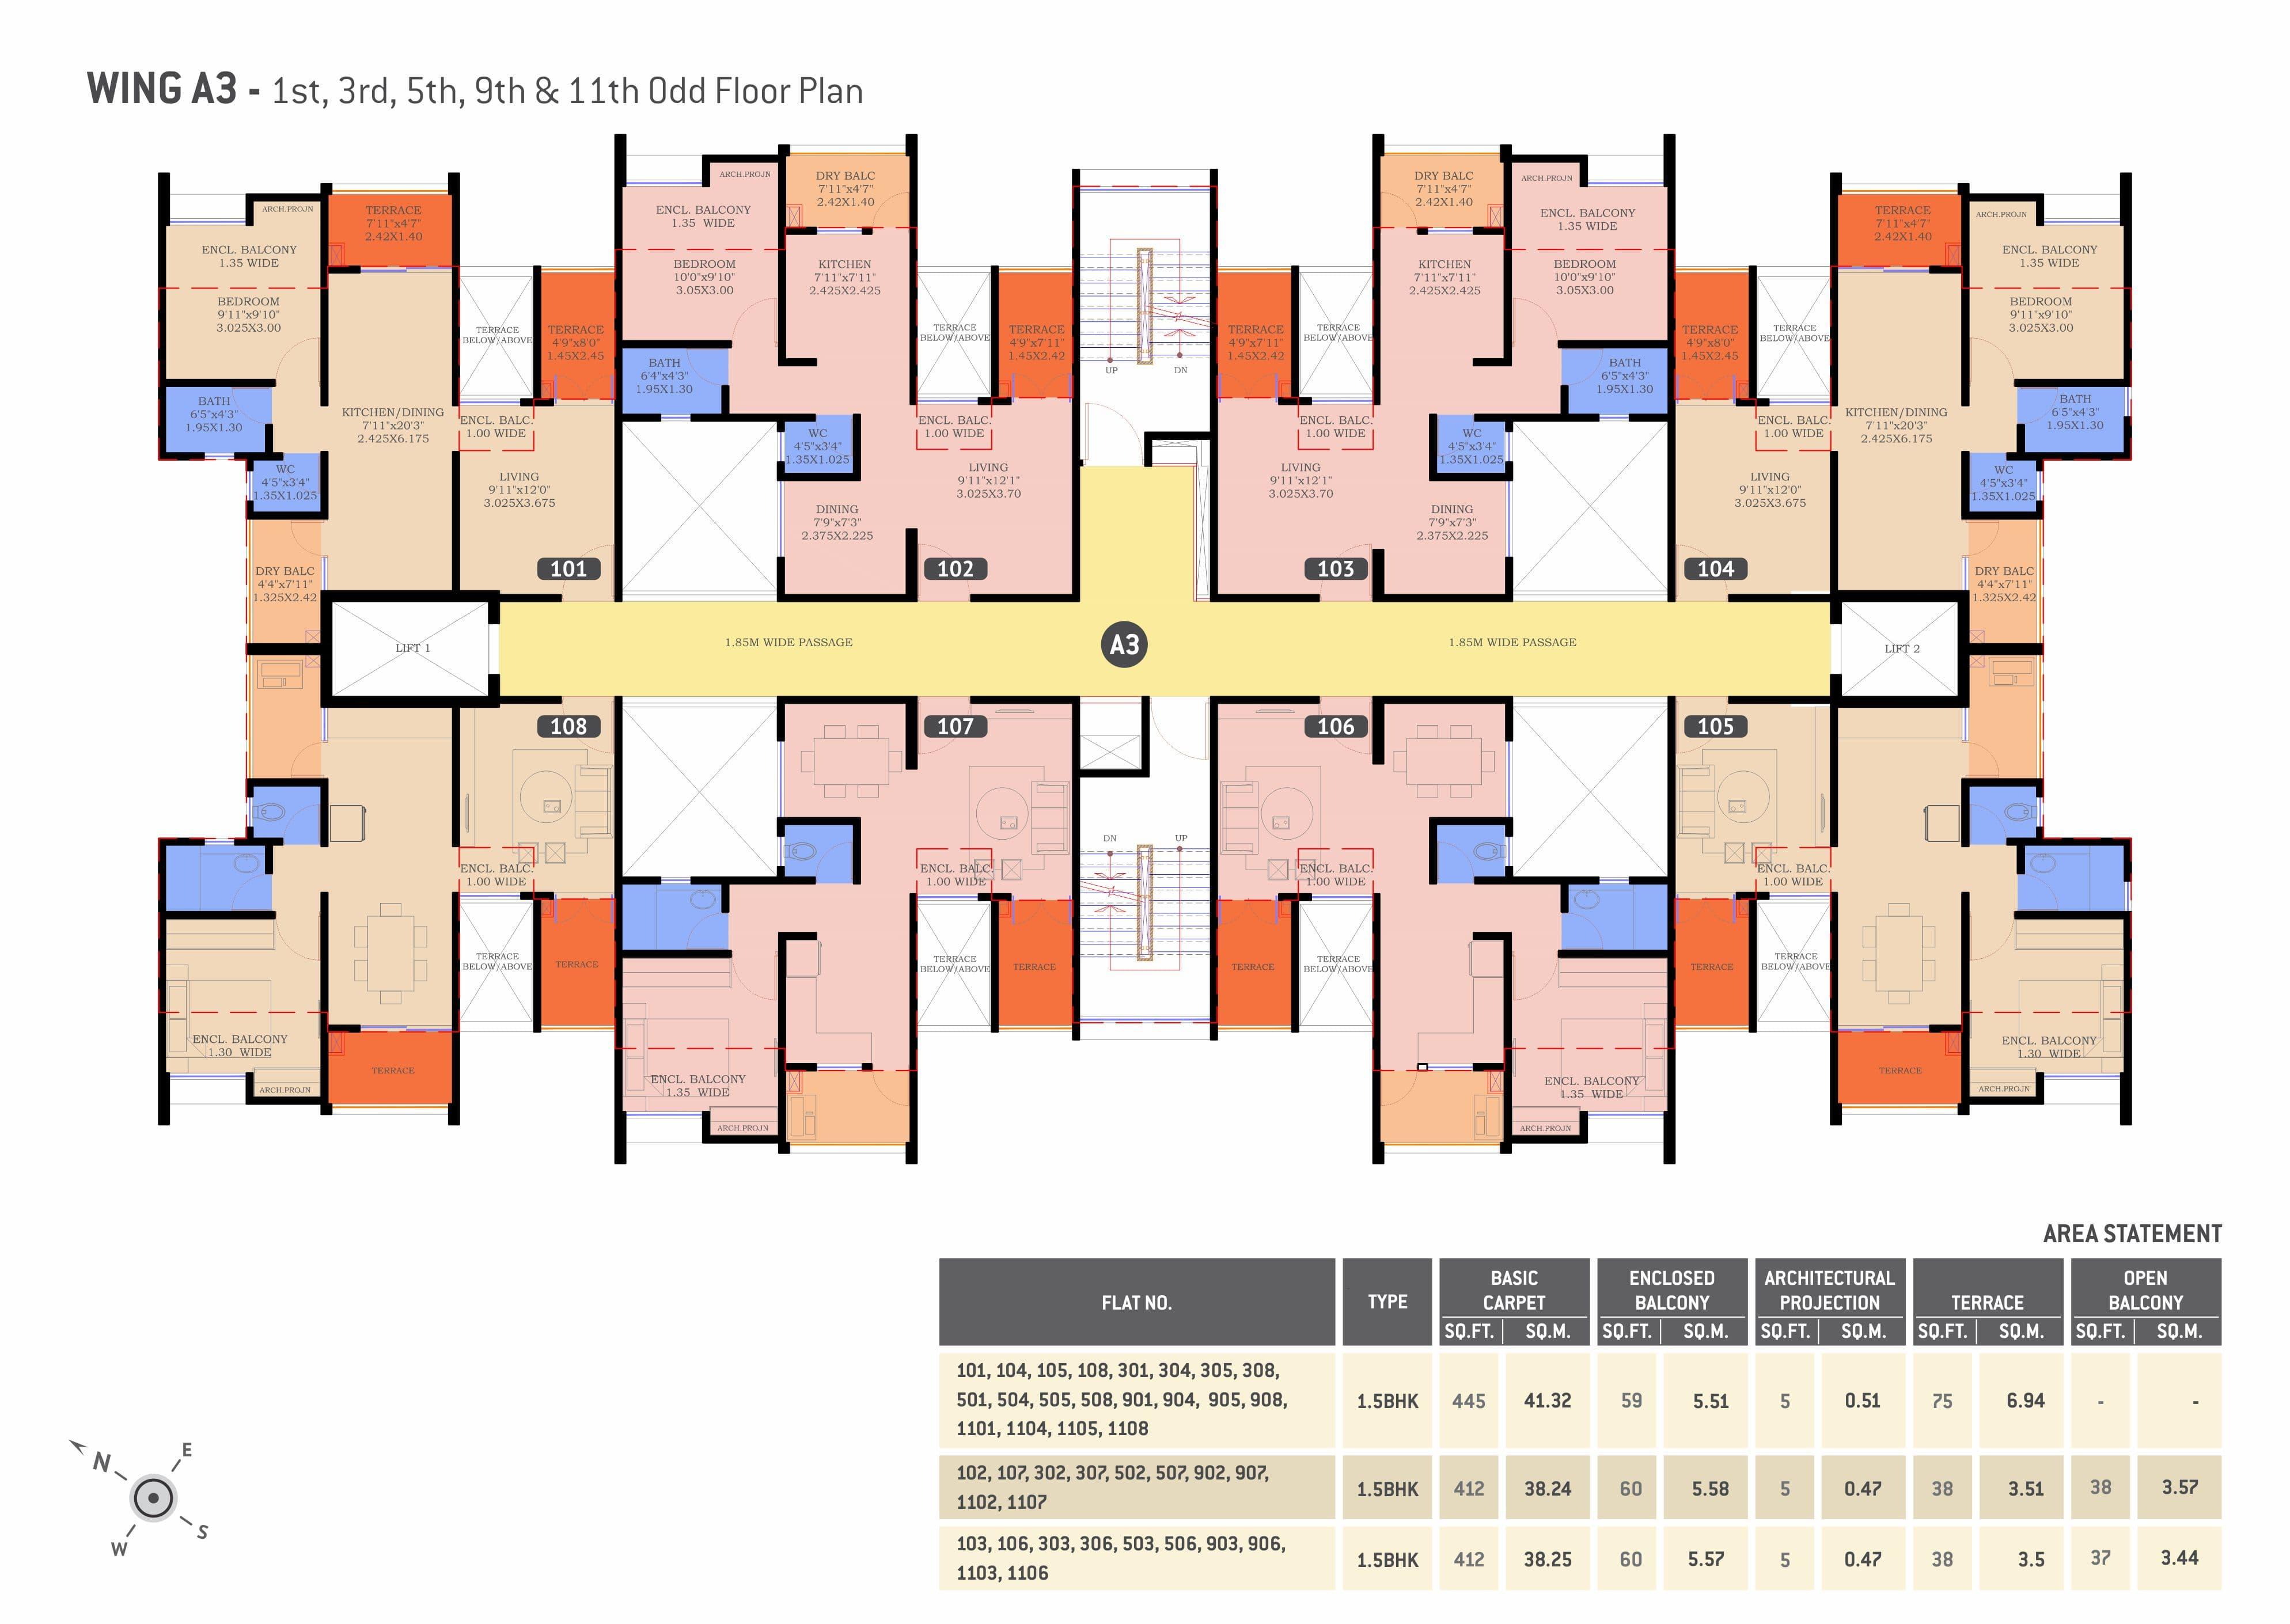 1.5 BHK flats in Undri Floor Plan